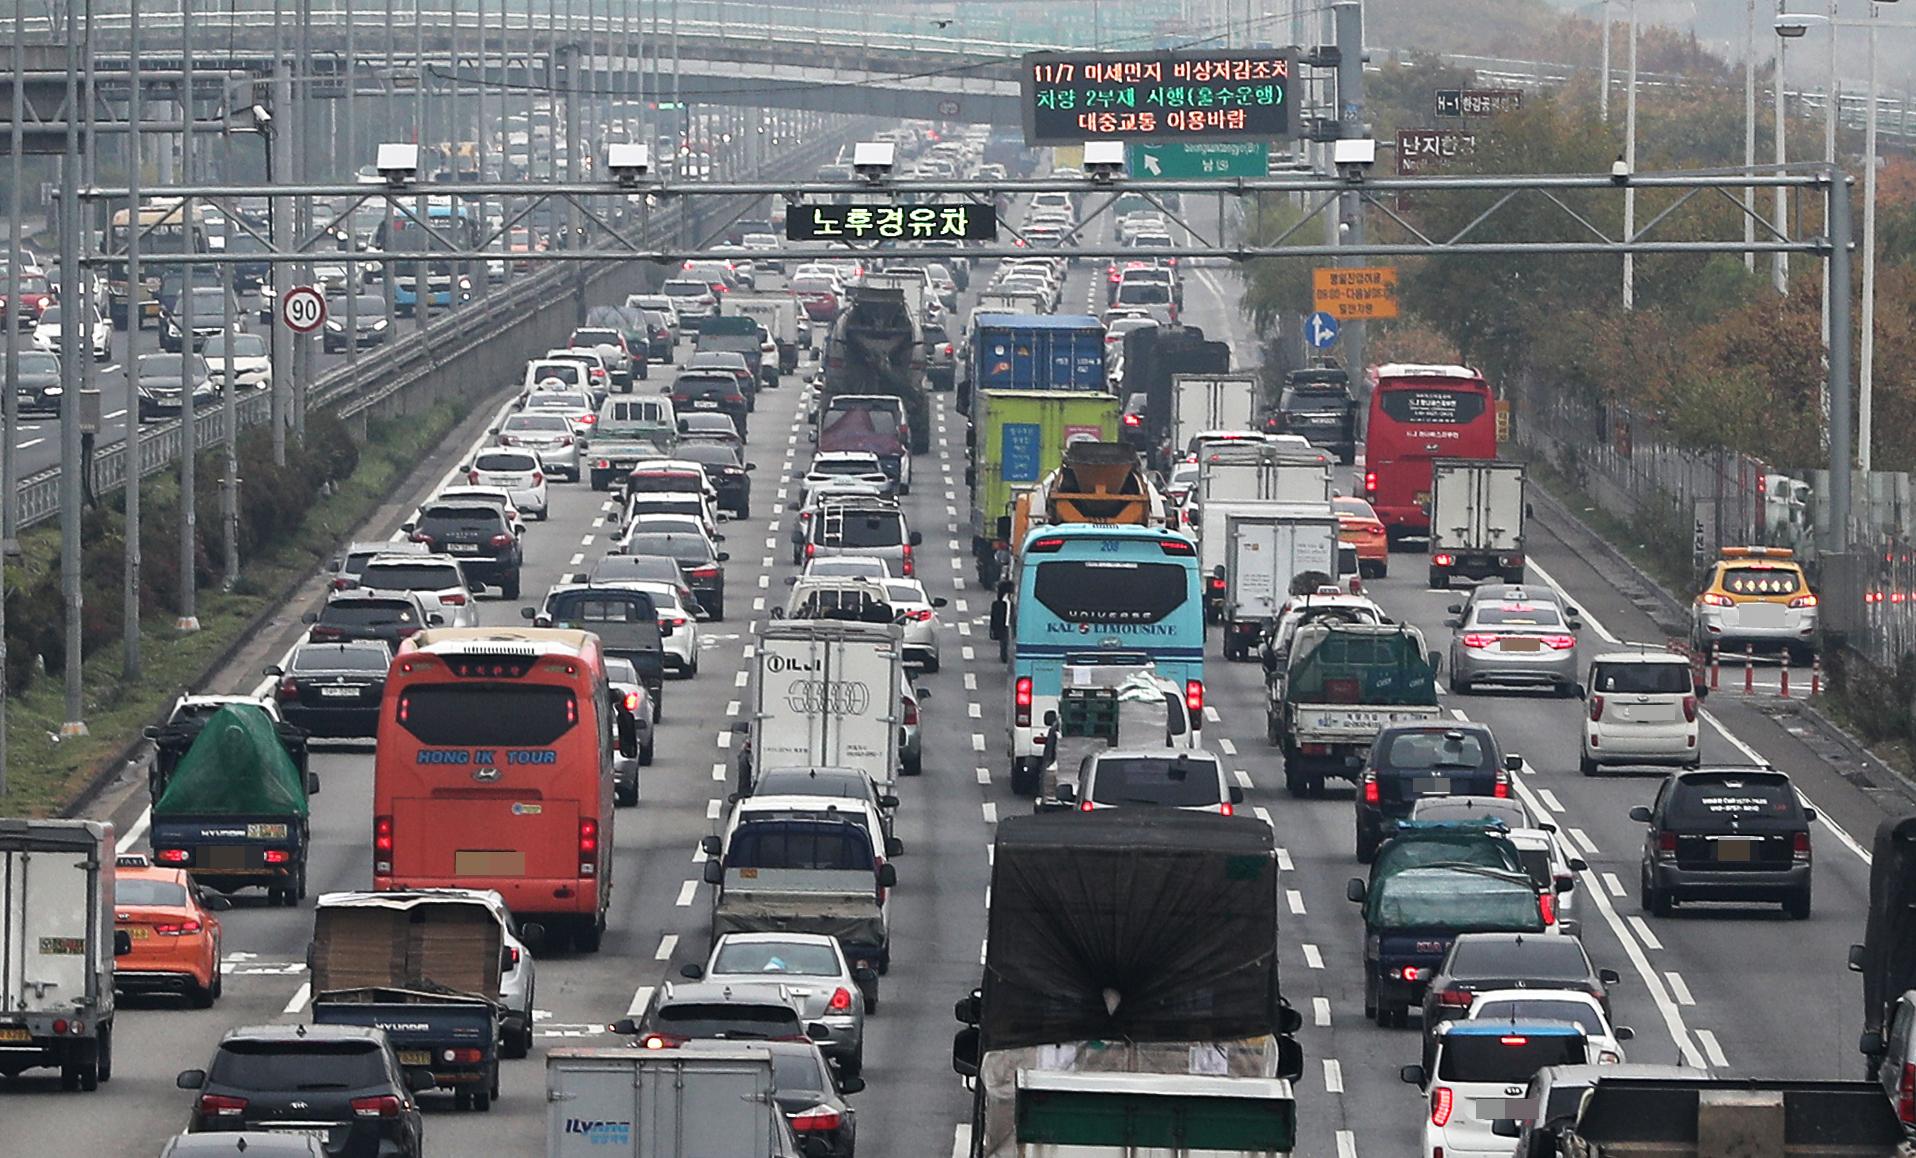 경기도 파주와 일산 등에서 오가는 차량들로 강변북로가 심한 정체를 빚고 있다. [뉴스 1]